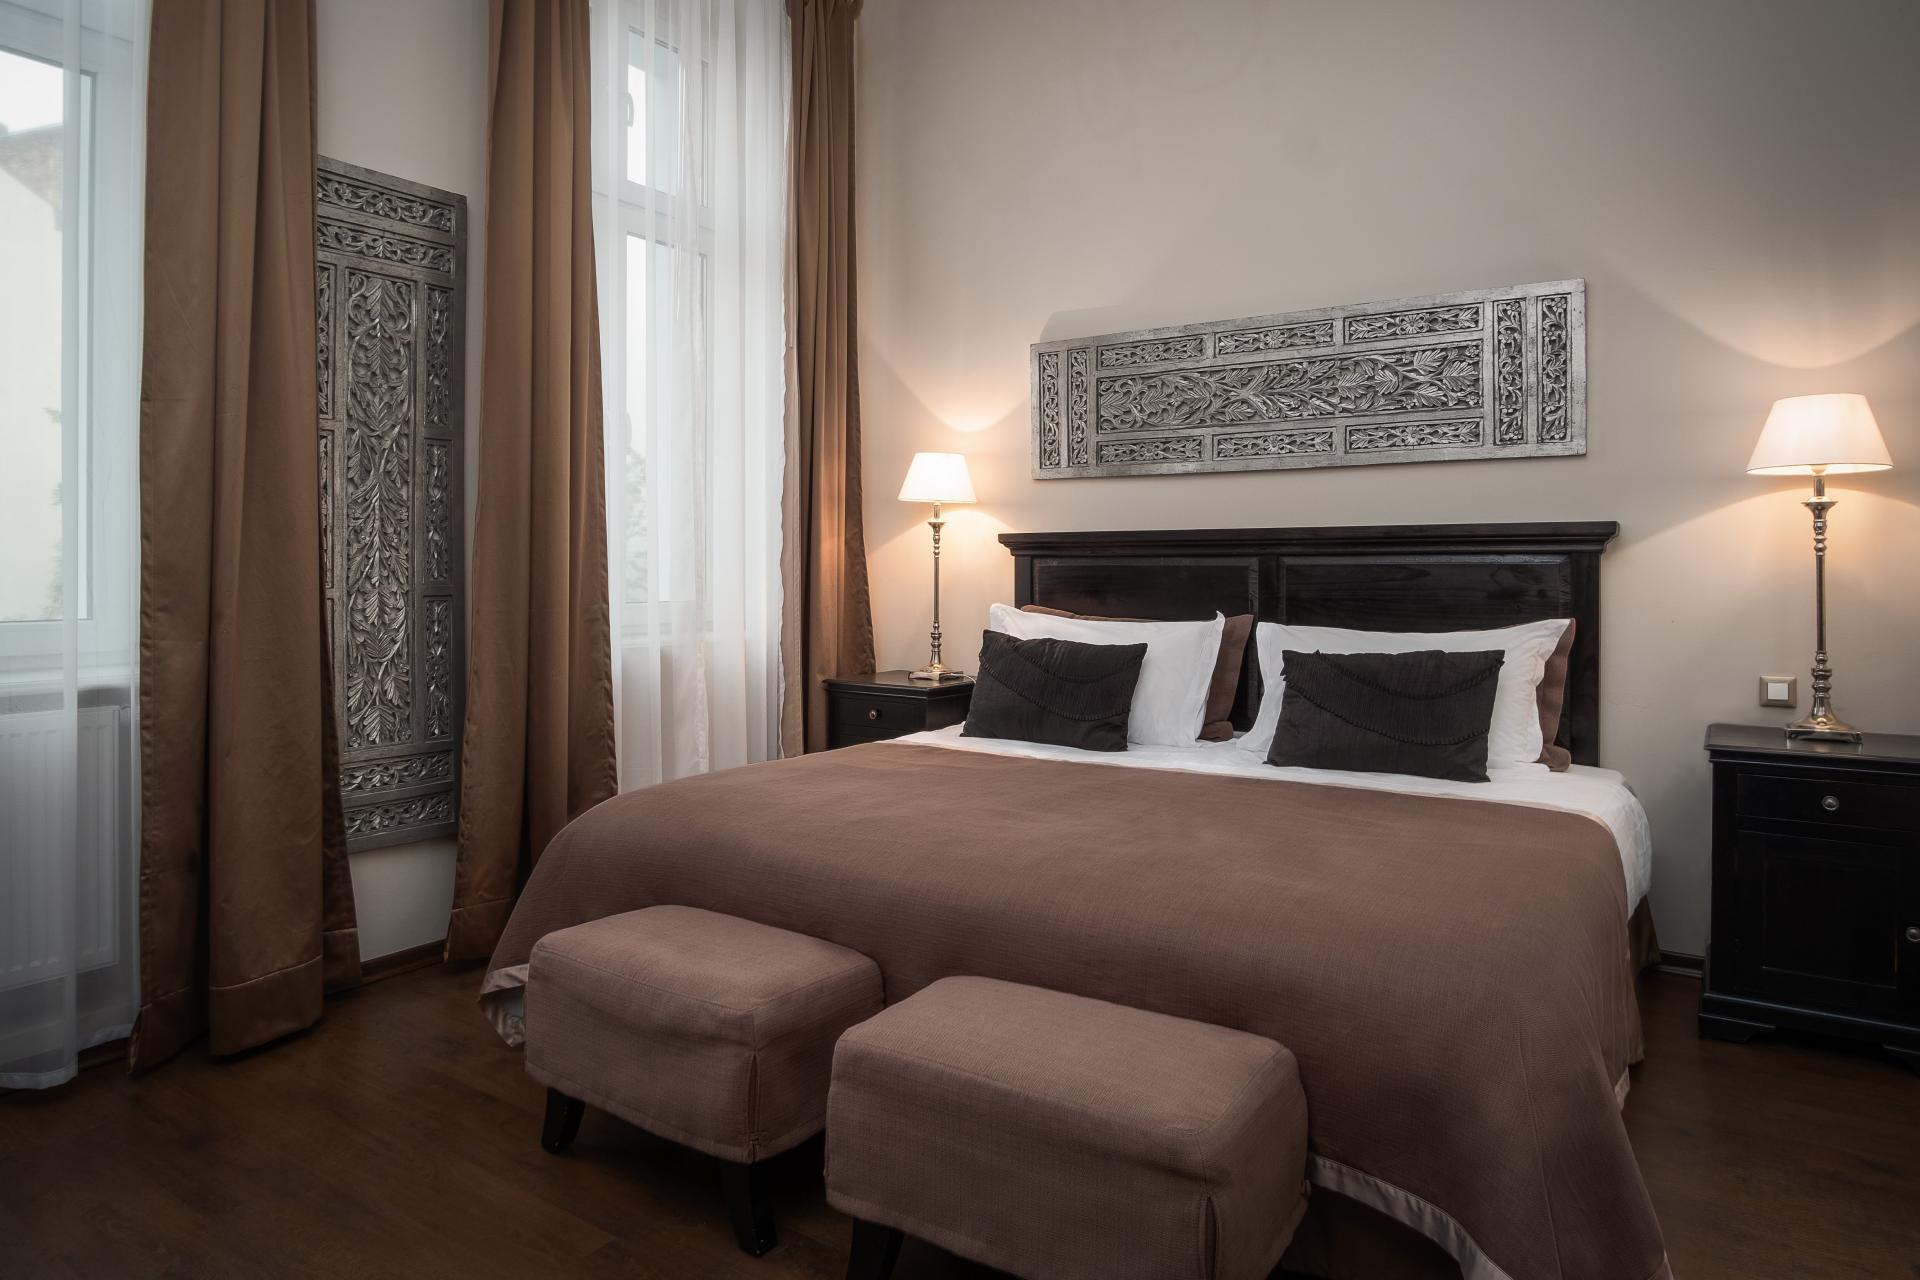 Bedroom at  Palacina Berlin Apartments - Citybase Apartments